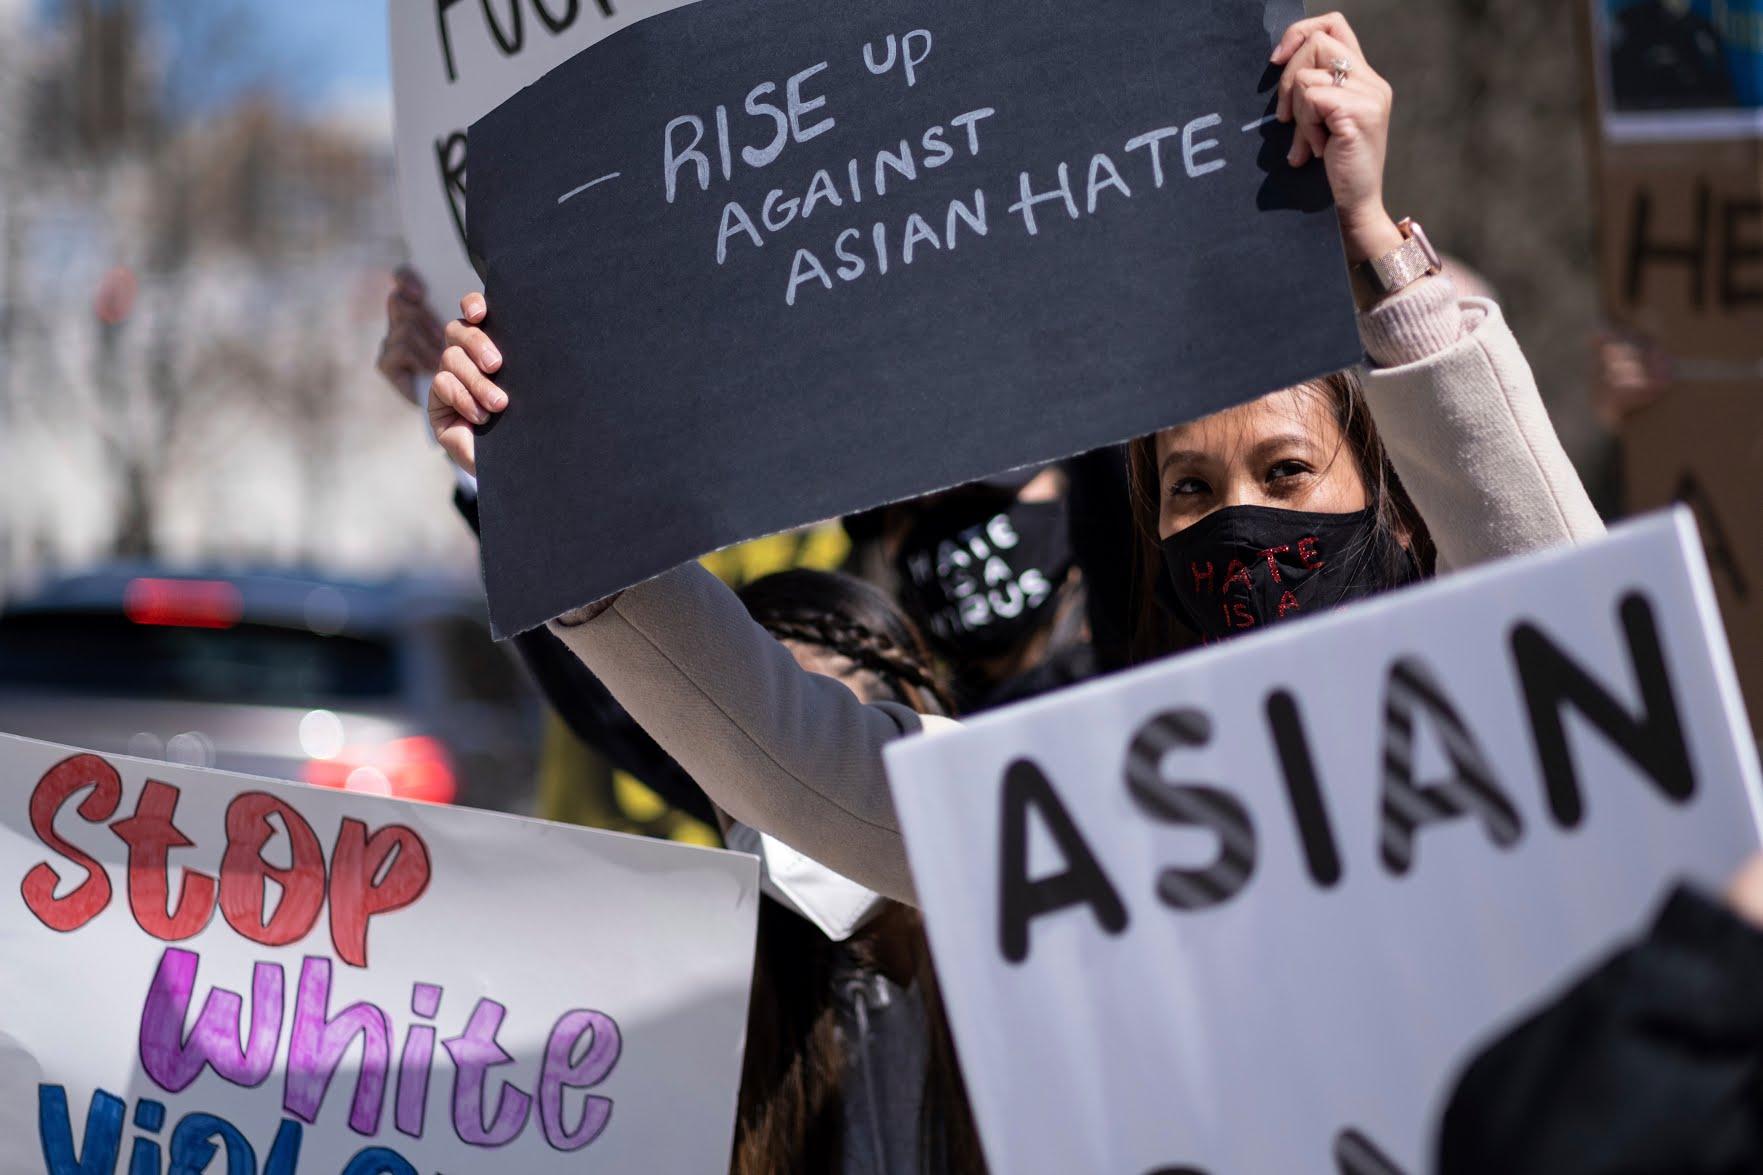 Phong trào Stop Asian Hate phản đối phân biệt chủng tộc với người châu Á tại Mỹ